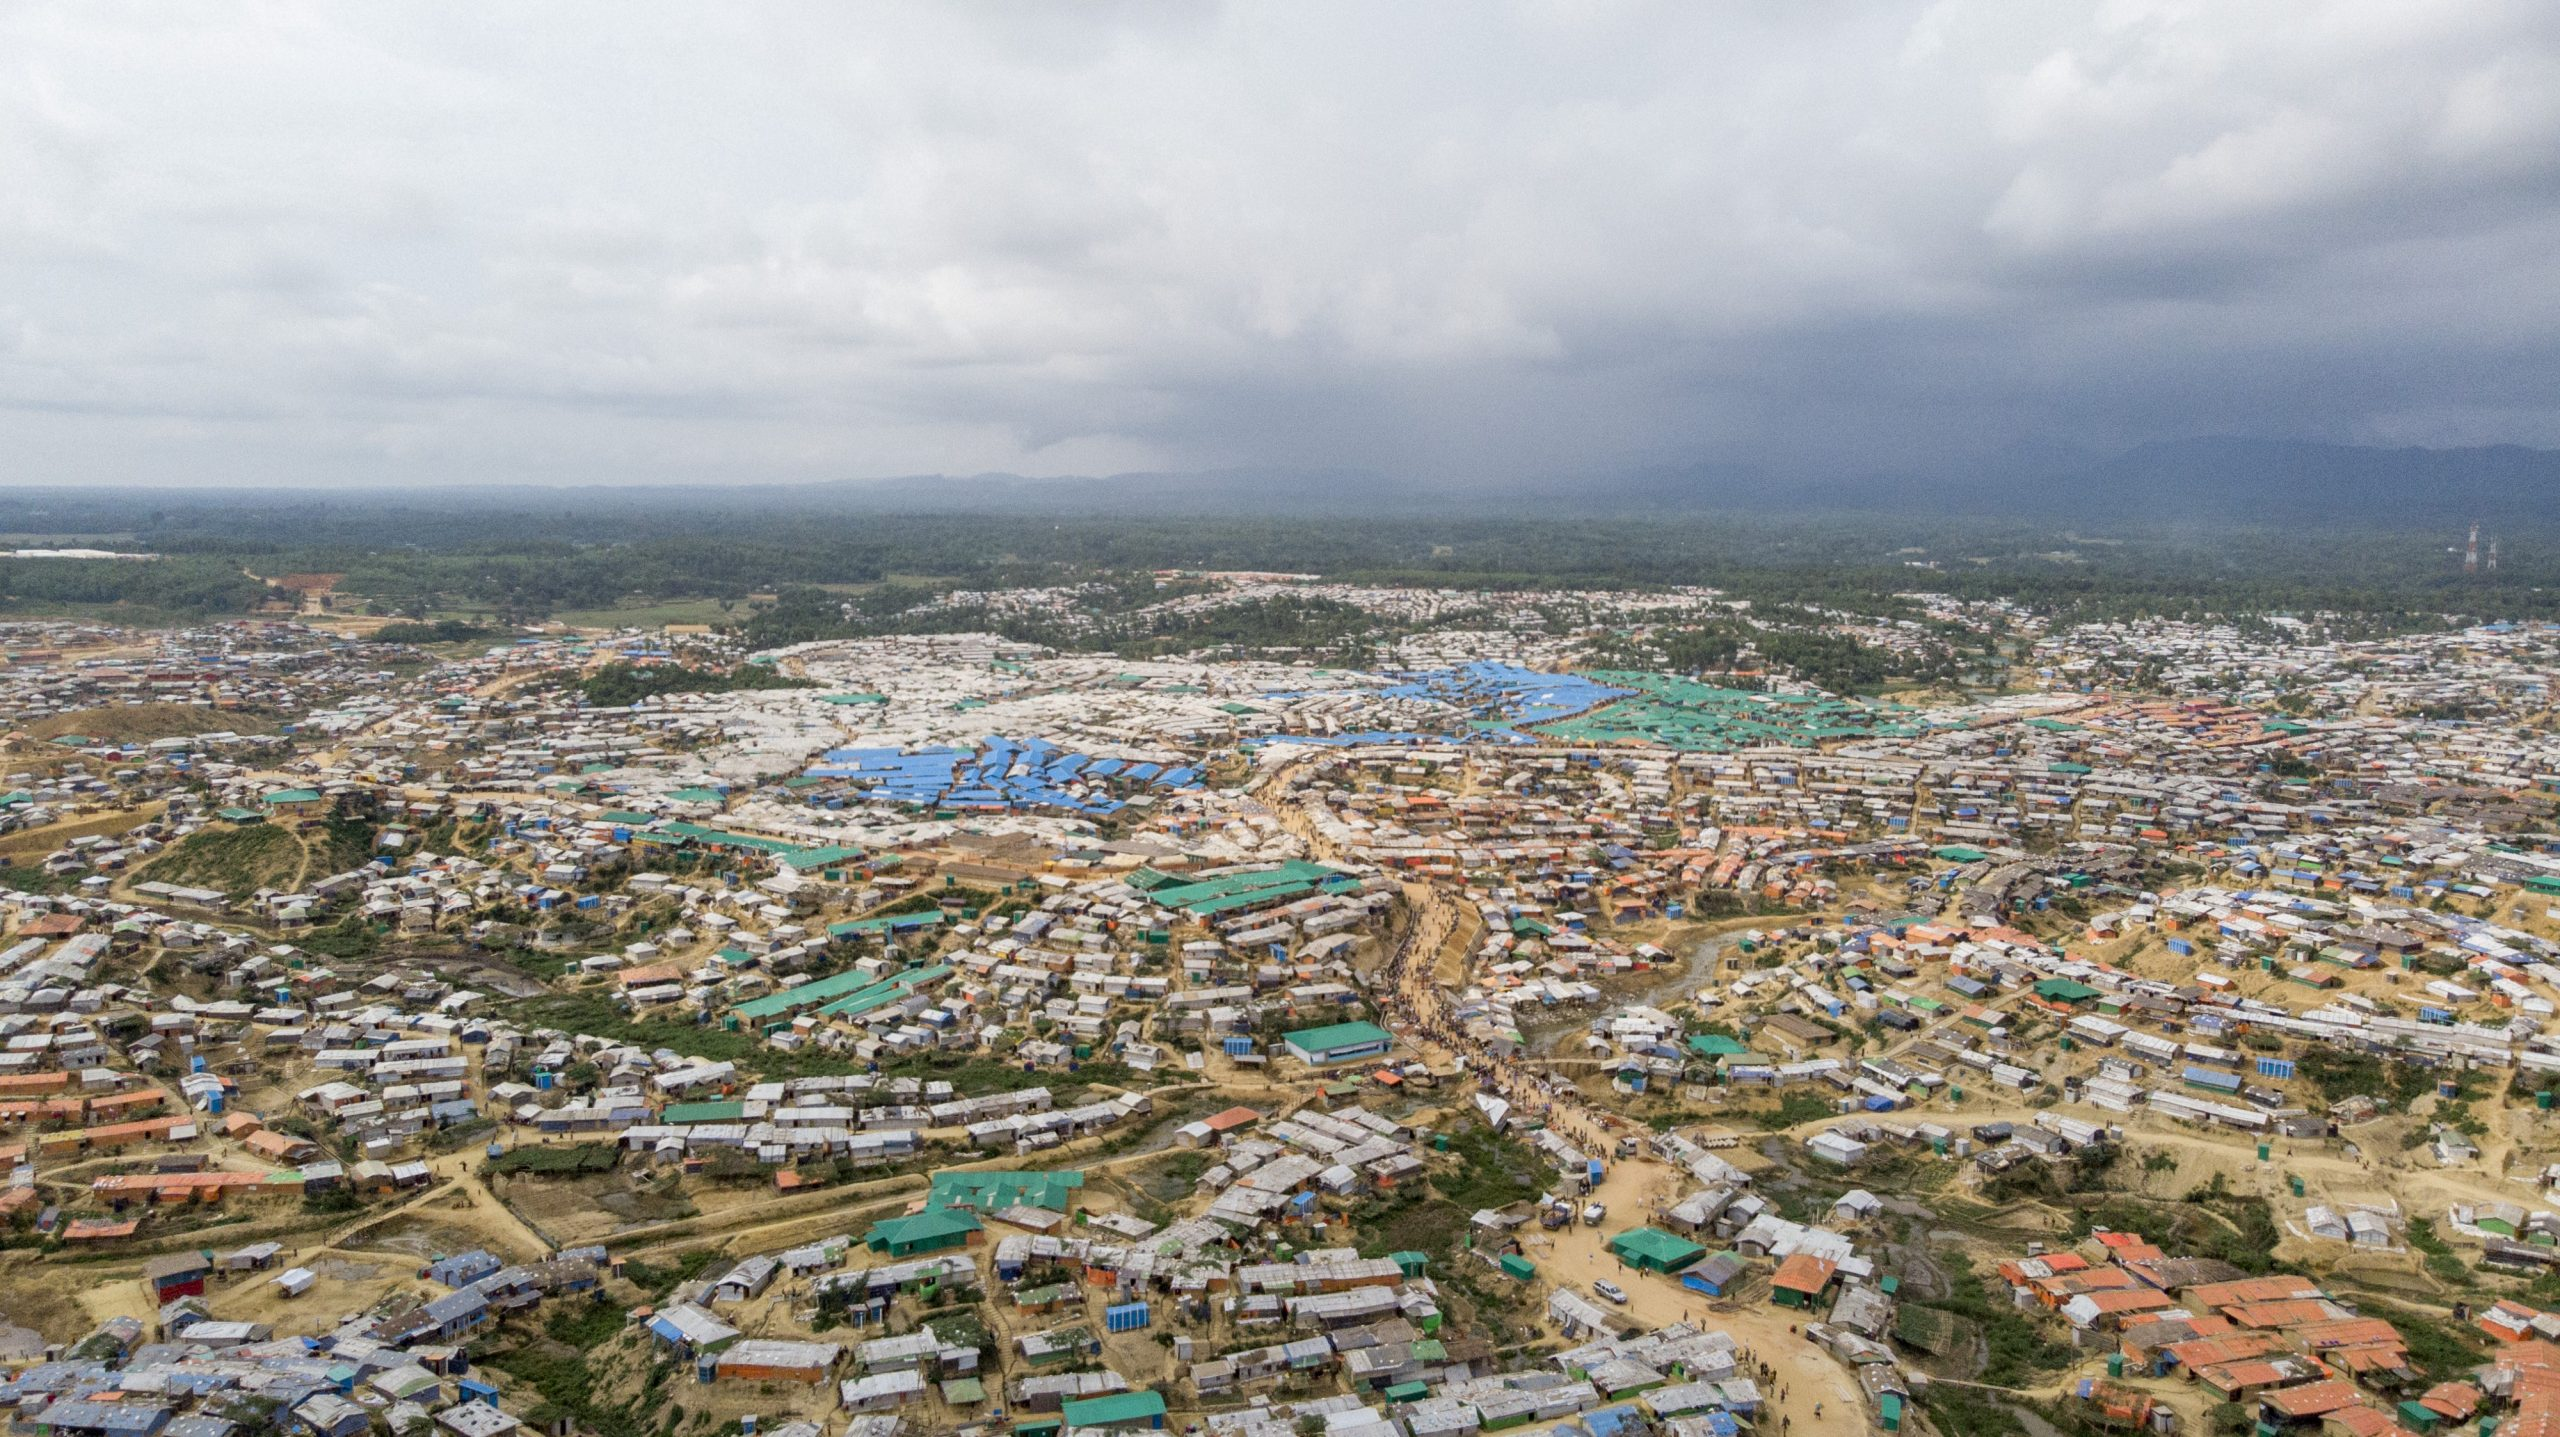 কক্সবাজারের শরনার্থী শিবির থেকে রোহিঙ্গাদের স্থানান্তরে জটিলতা শুরু